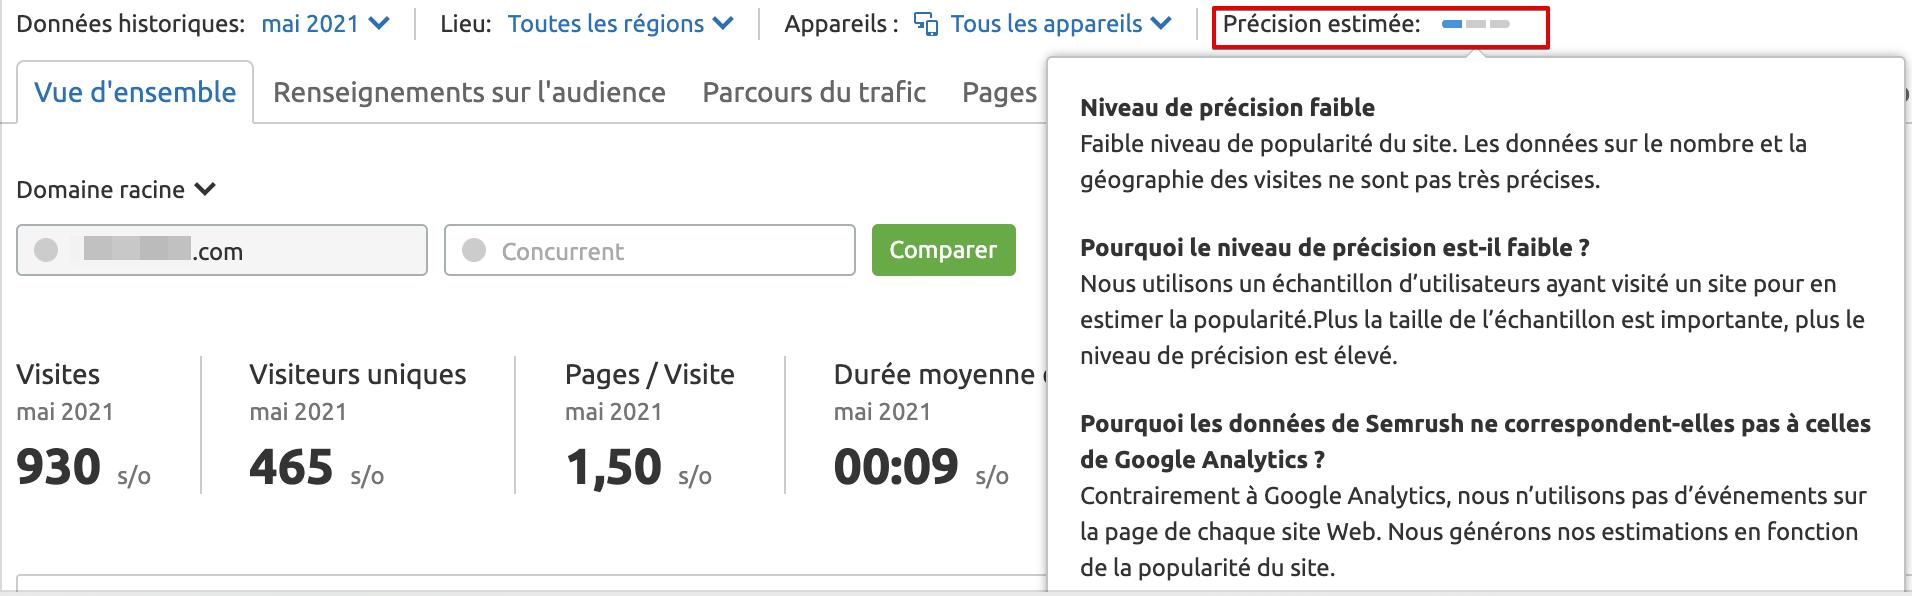 Pourquoi y a-t-il peu ou pas de données dans Analyse du trafic pour le site web que j'ai entré? image 1